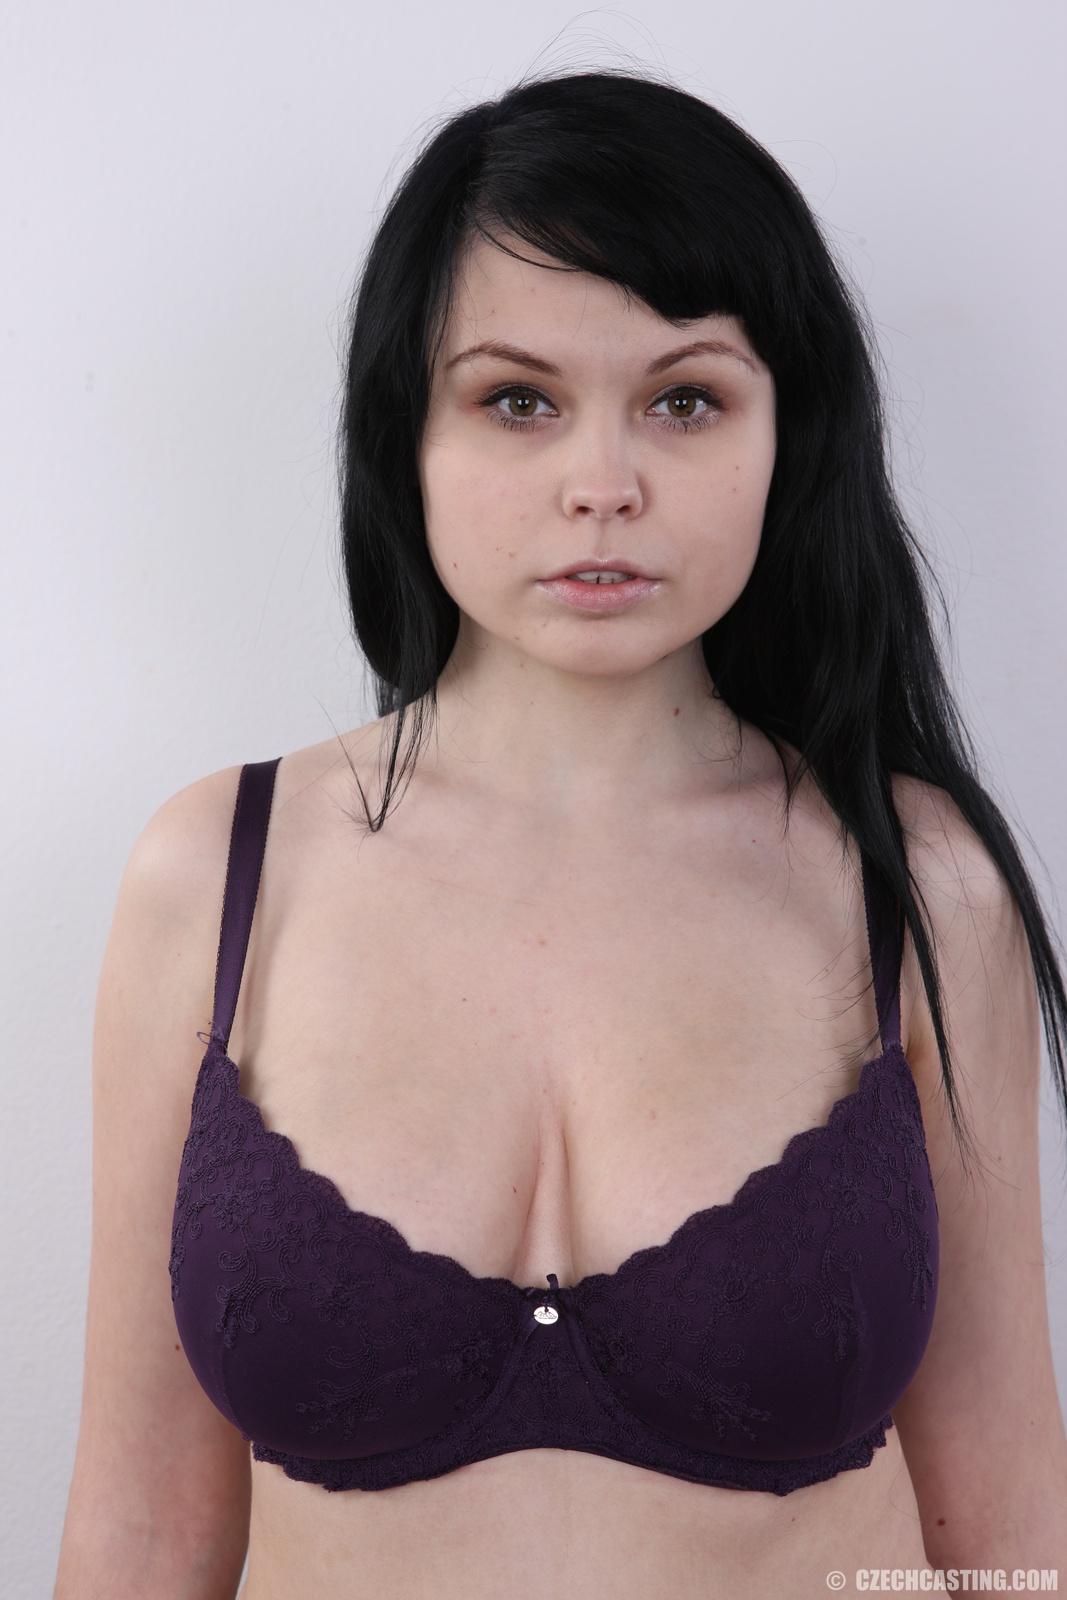 Фото телка с отвисшей грудью